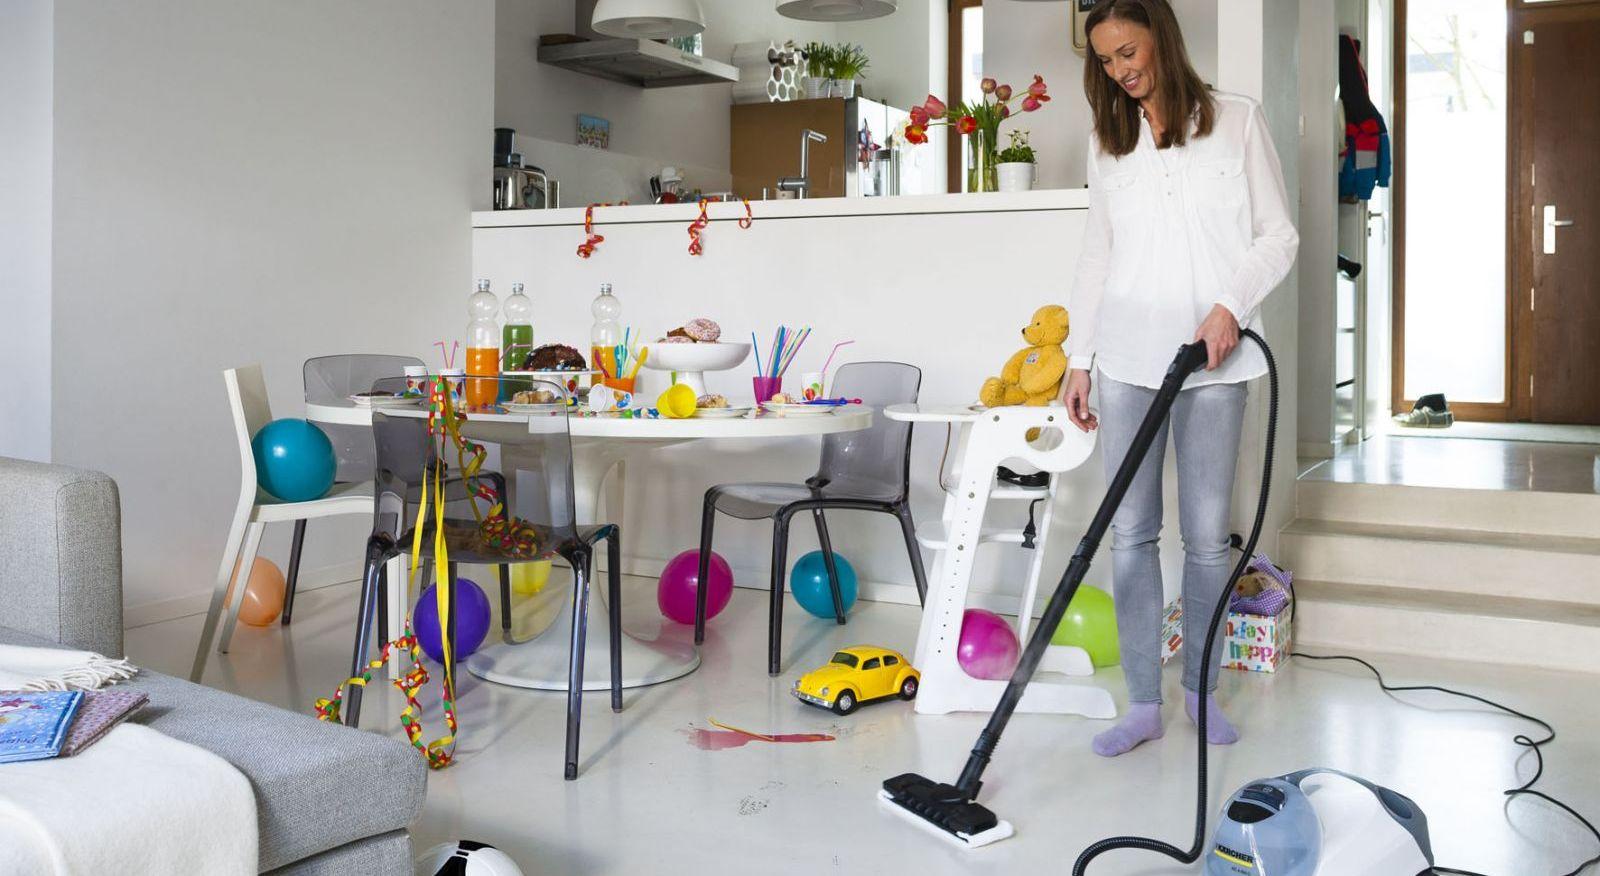 химчистка на дому мягкой мебели Люберцы цены